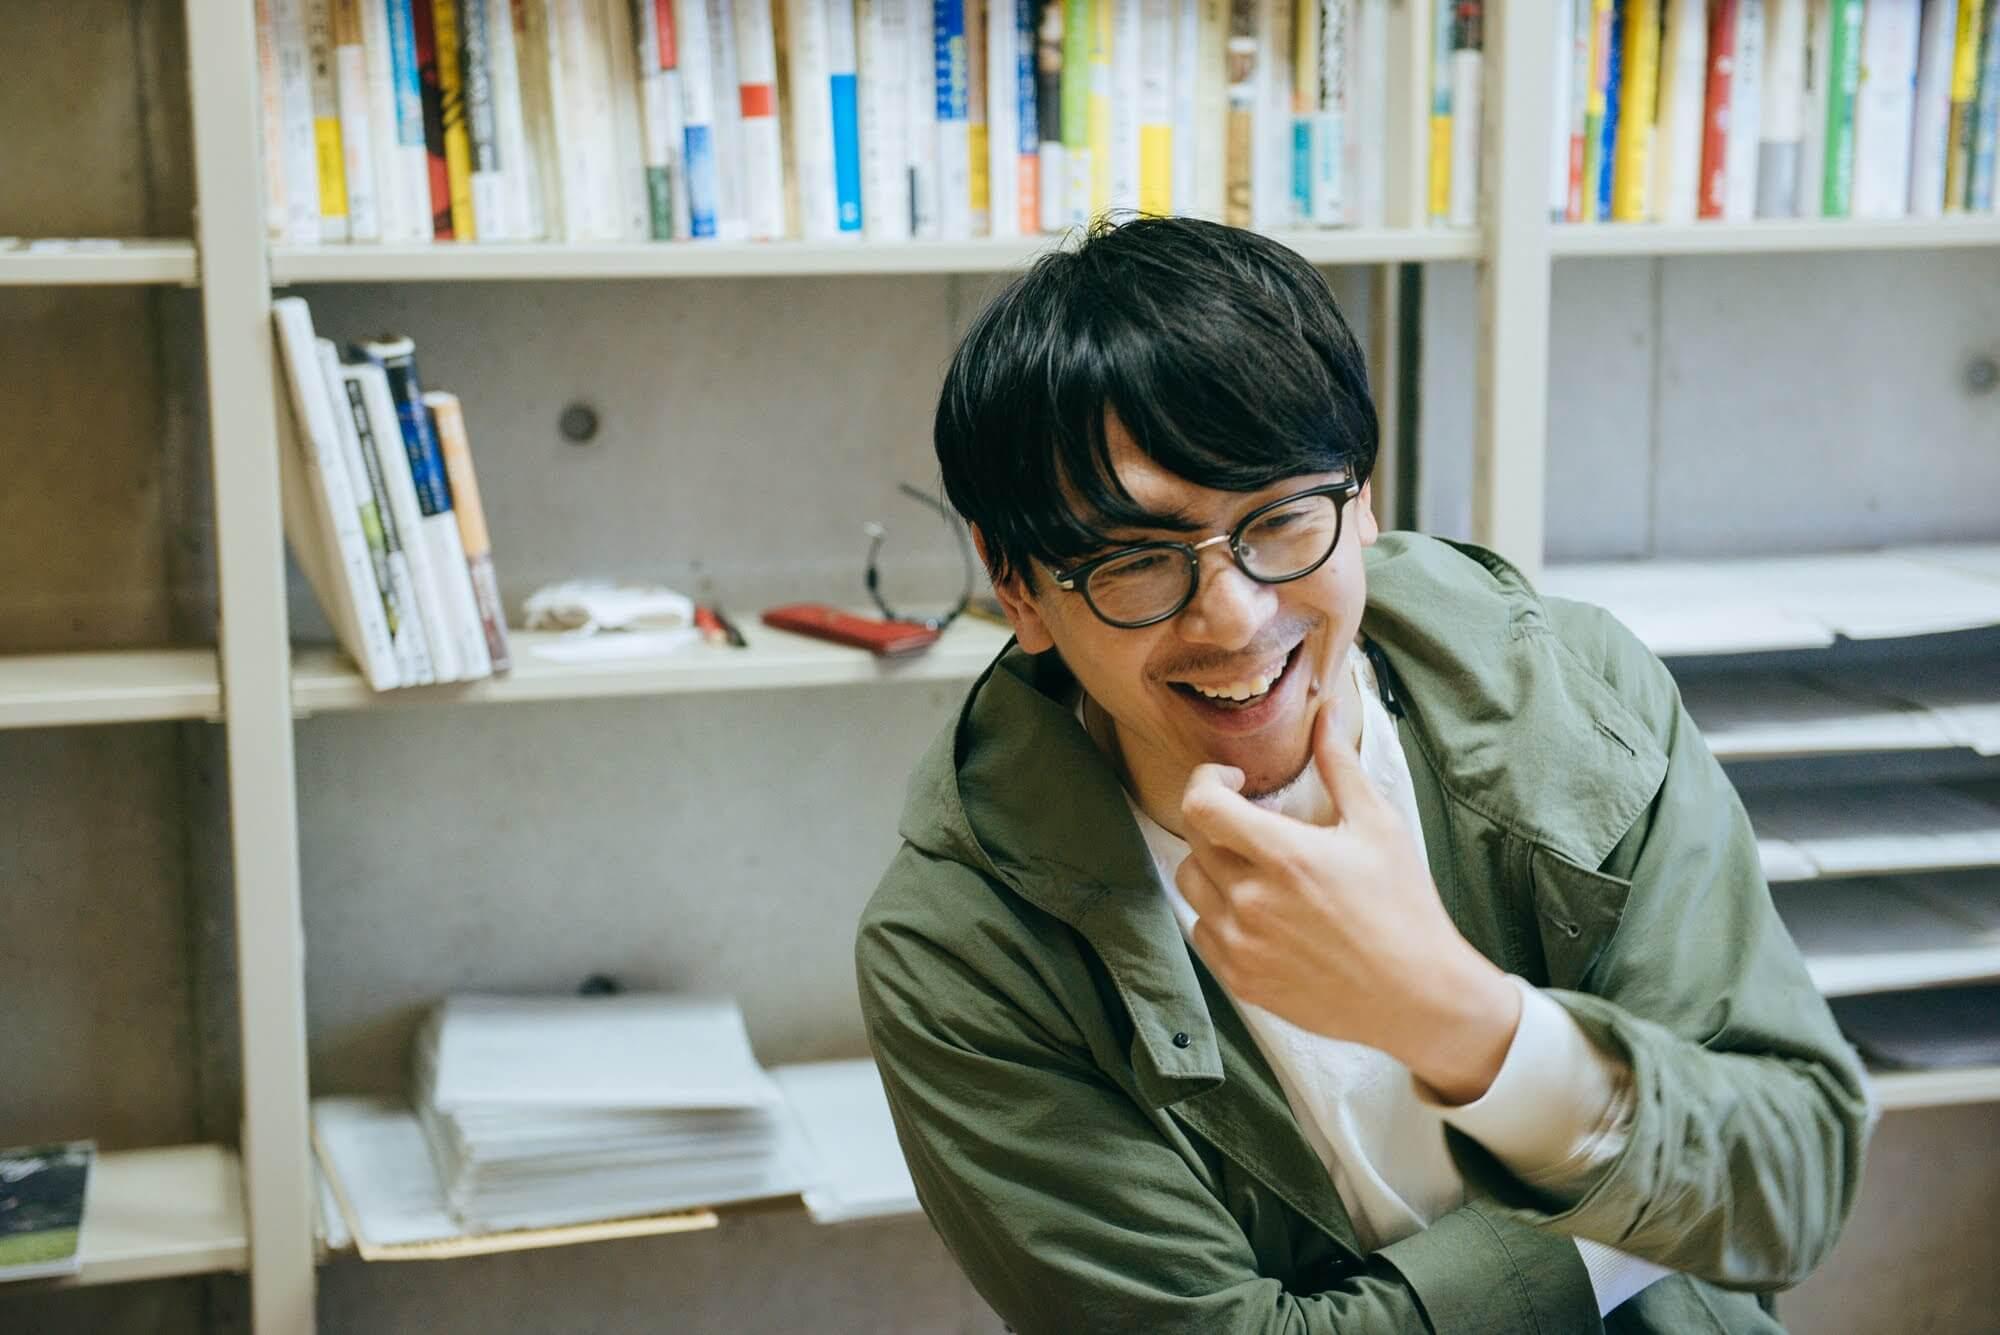 勉強とは「布石」を置くこと。そして誰かとつながること。勉強家・兼松佳宏インタビュー